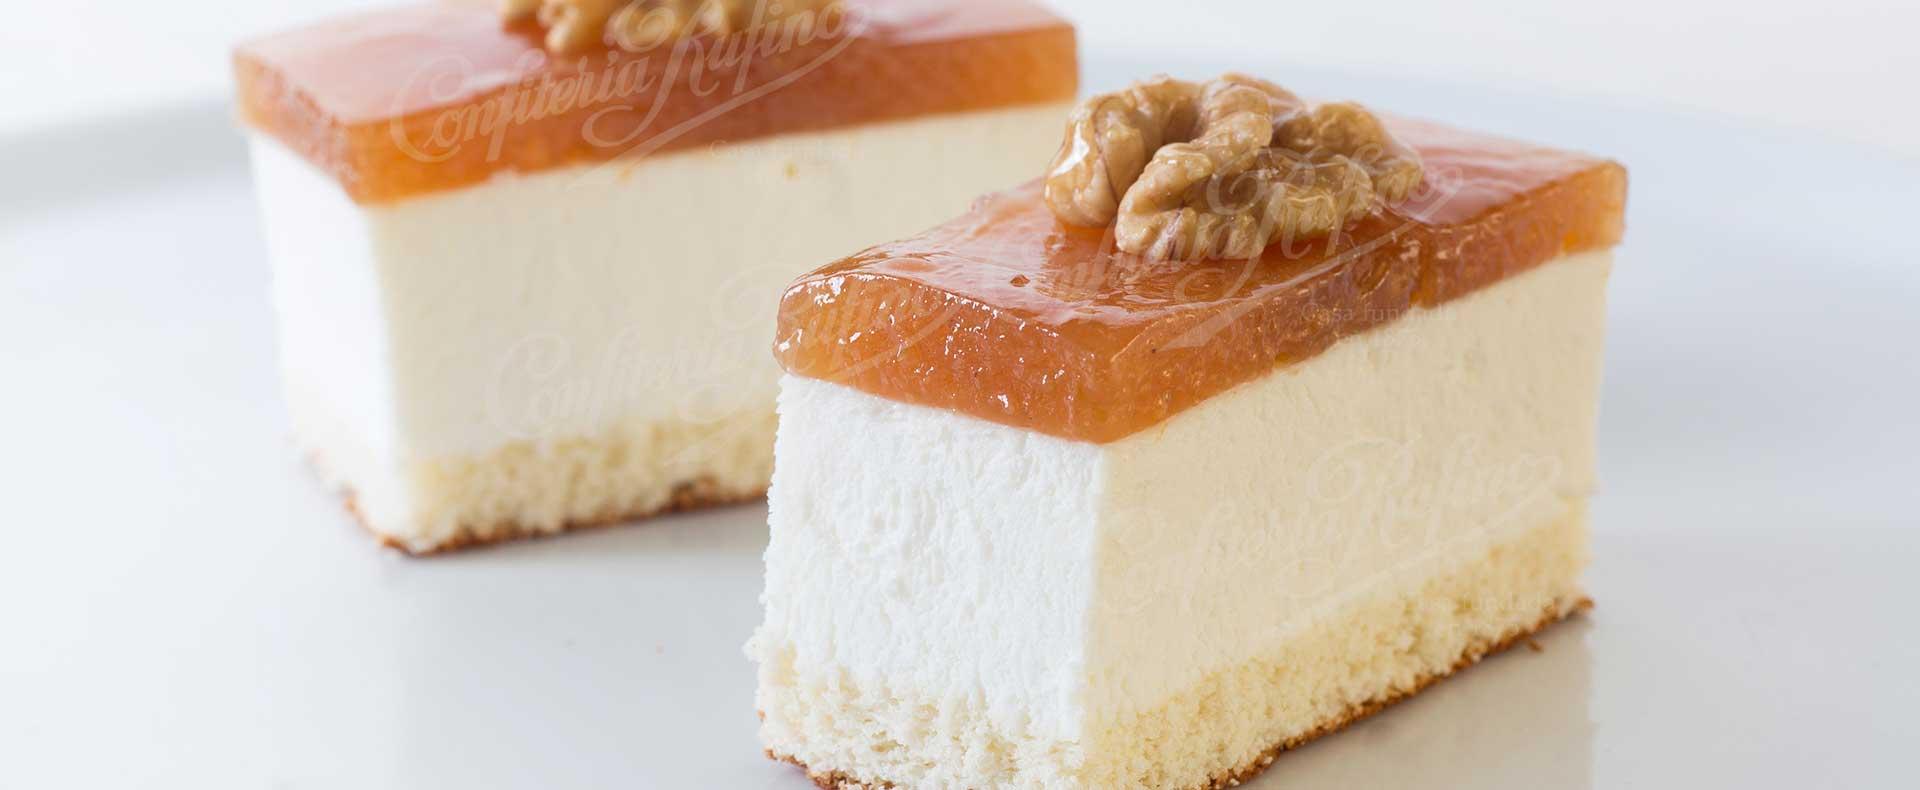 pastel de queso y dulce de membrillo artesano Confiteria Rufino Aracena